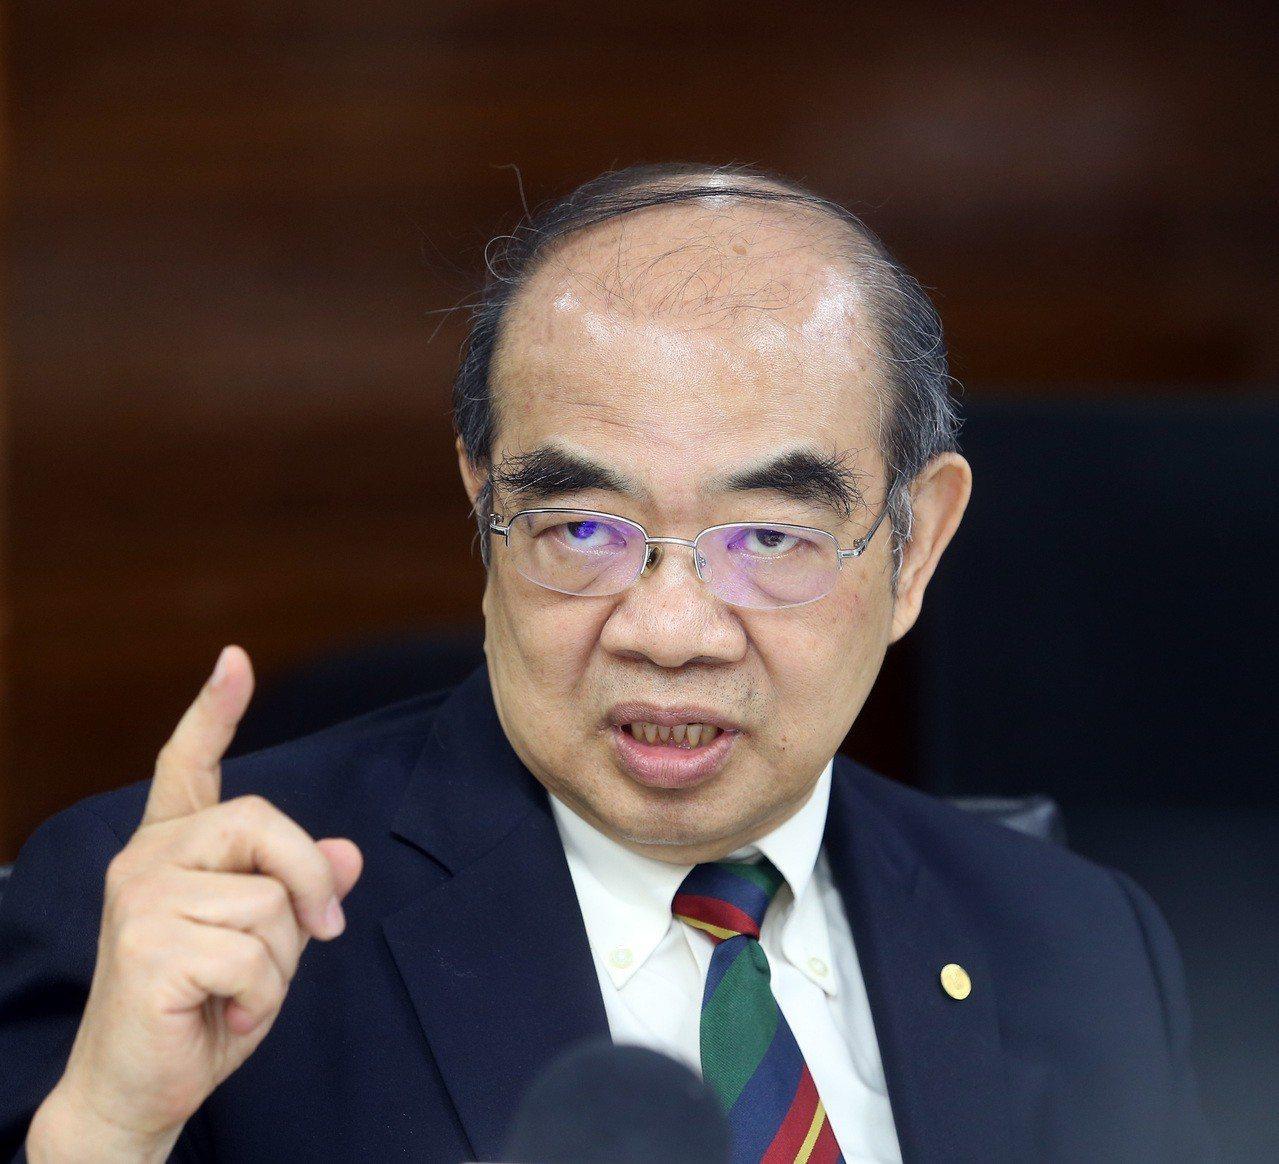 教育部前部長吳茂昆上任後,爭議連環爆。 圖/聯合報系資料照片